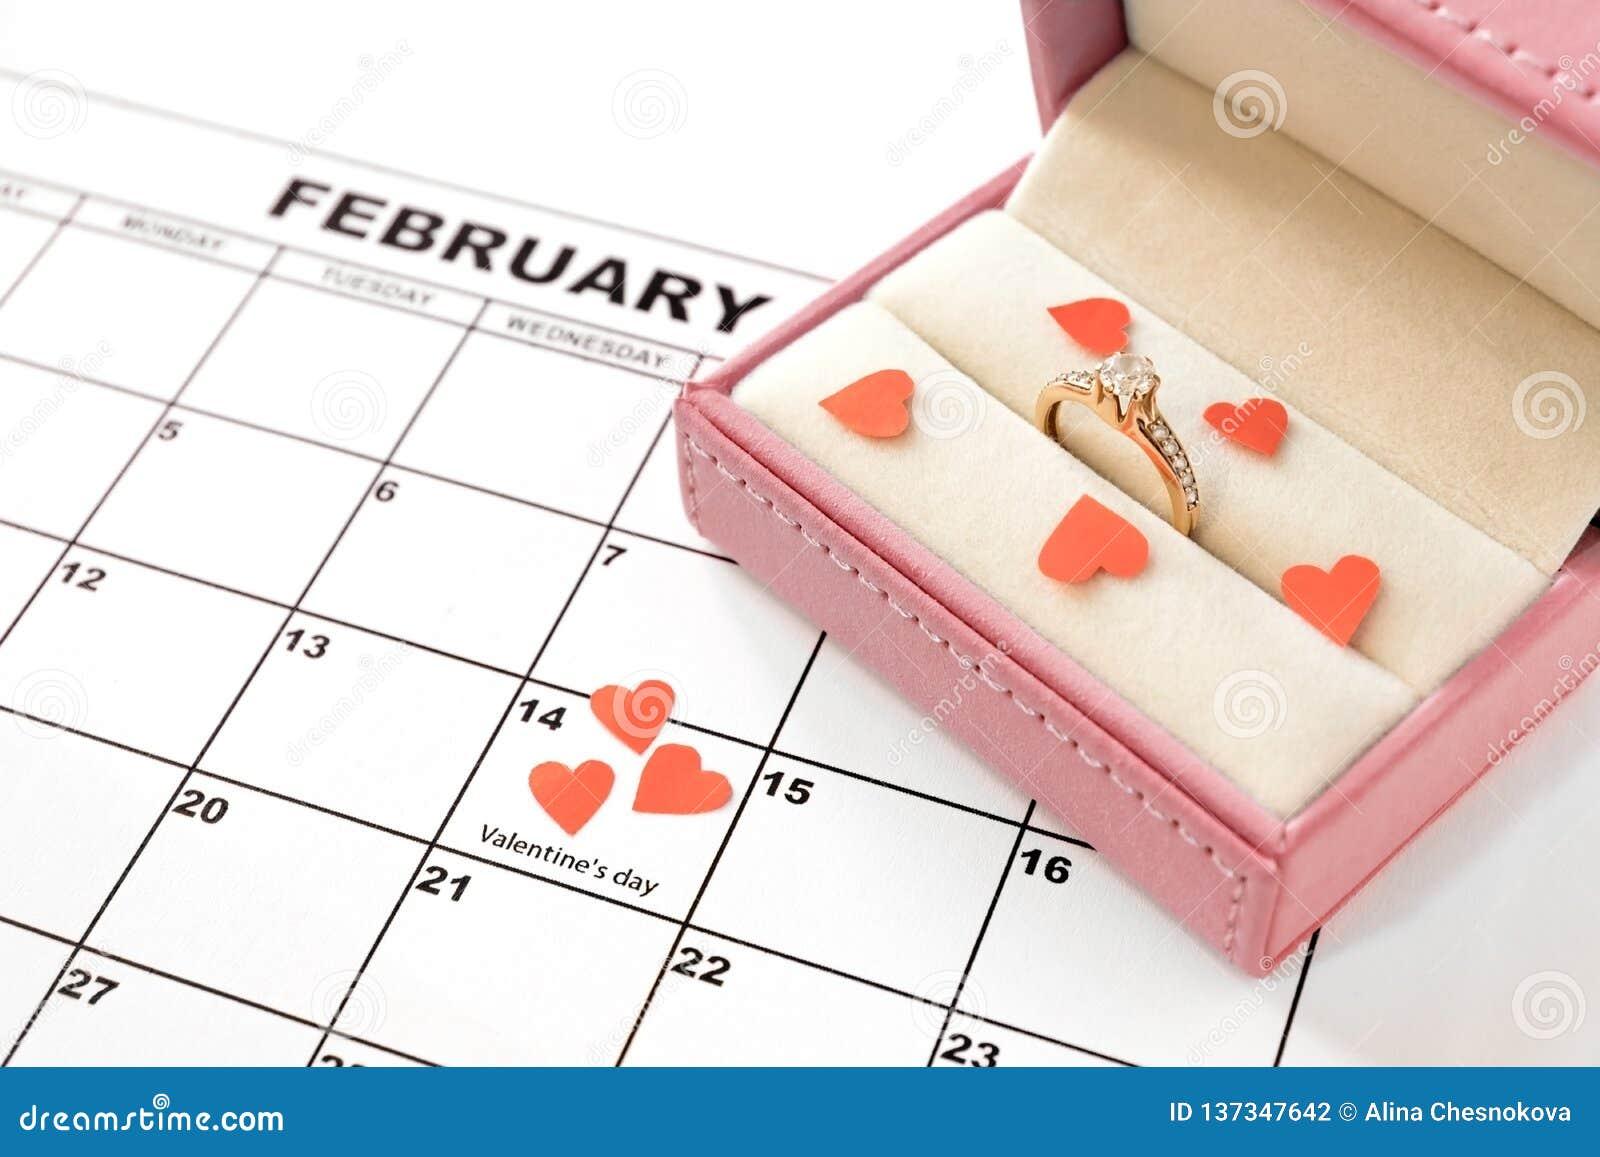 Ημέρα βαλεντίνου, στις 14 Φεβρουαρίου στο ημερολόγιο με τις κόκκινα καρδιές και το κιβώτιο δώρων